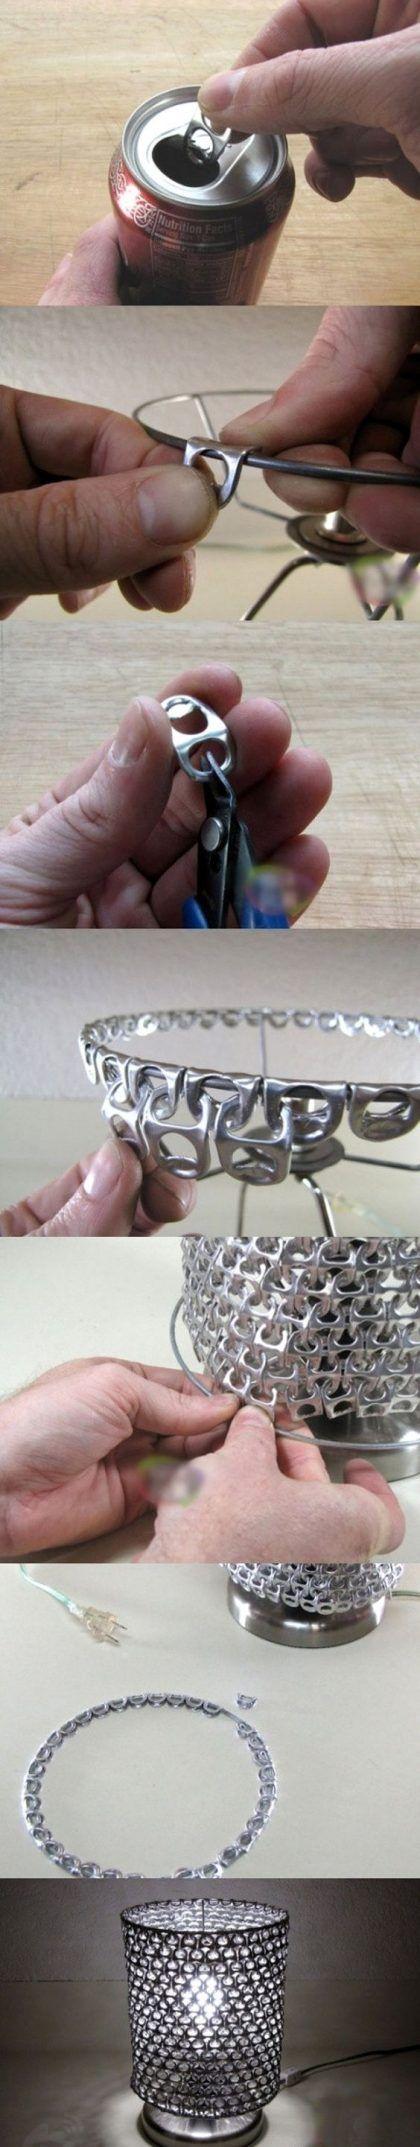 Pantalla de lámpara con anillas metálicas